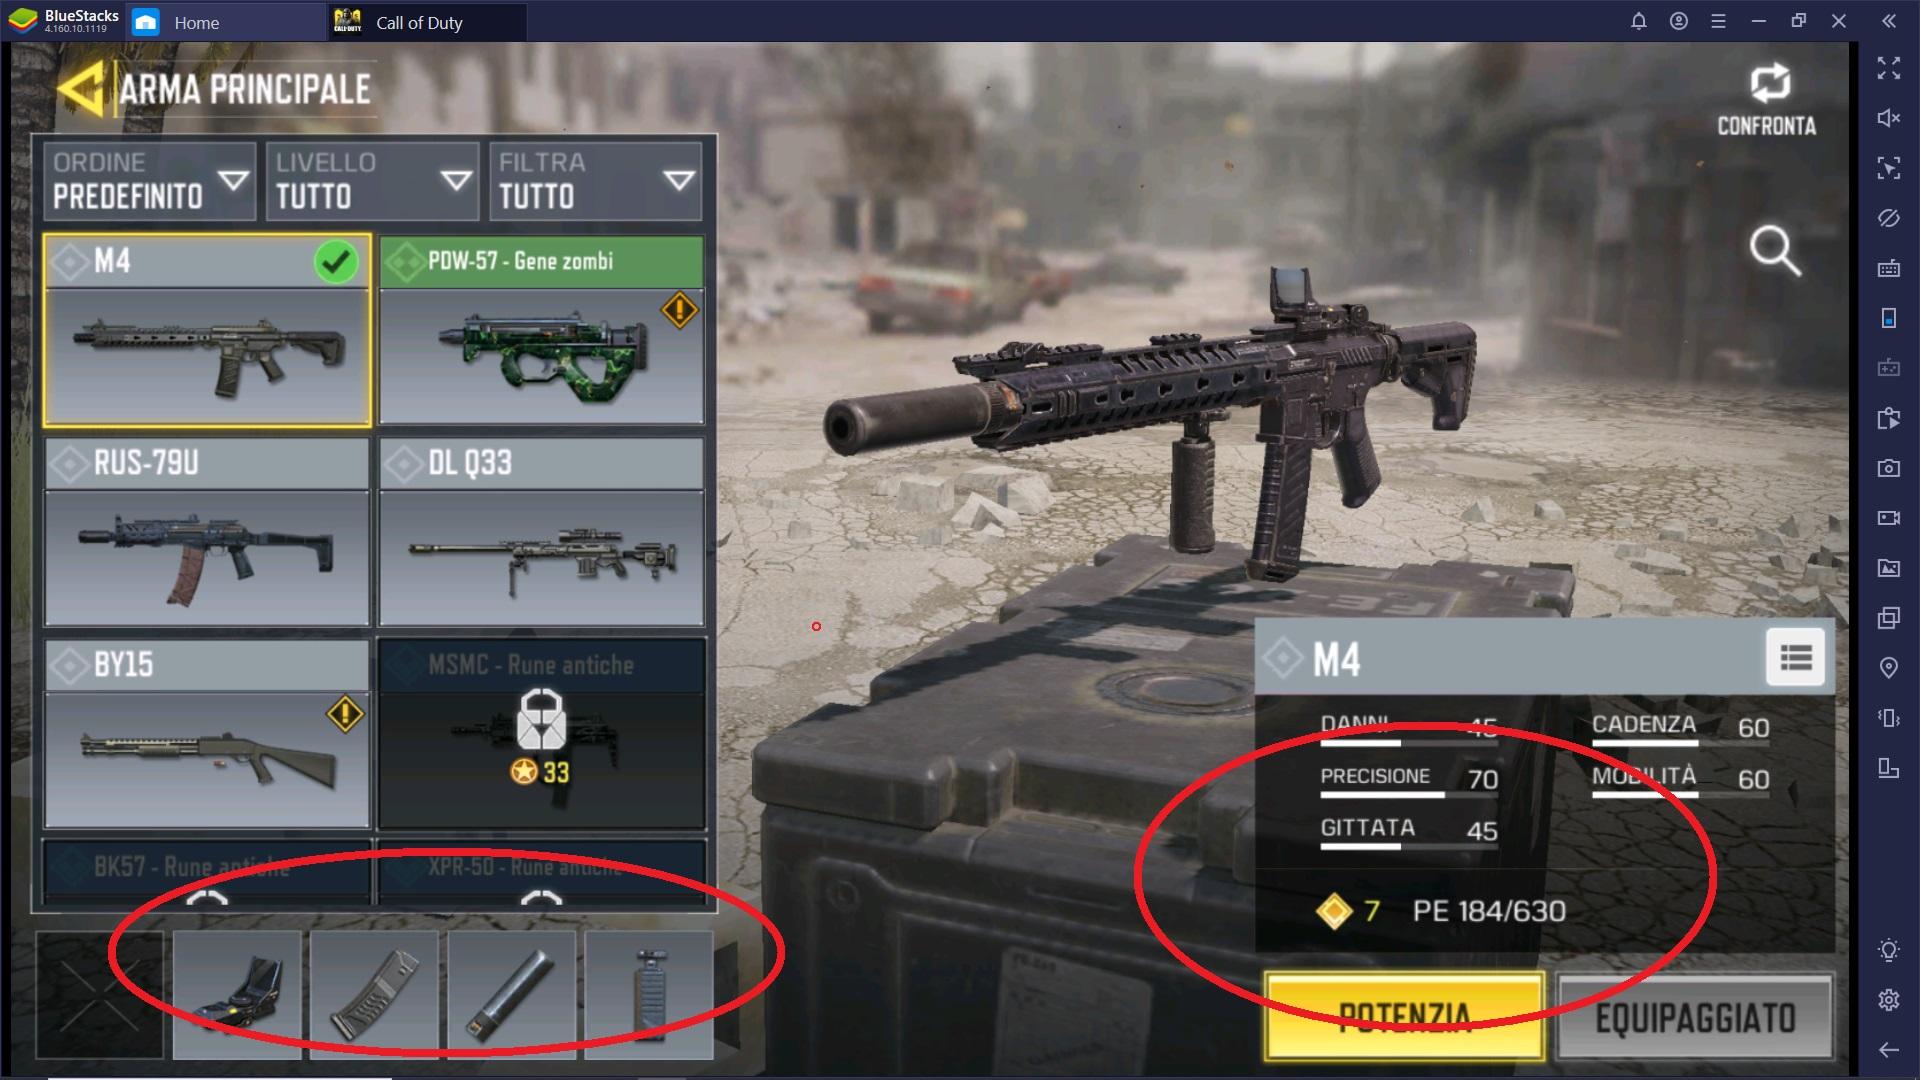 Guida all'Equipaggiamento di Call of Duty: Mobile